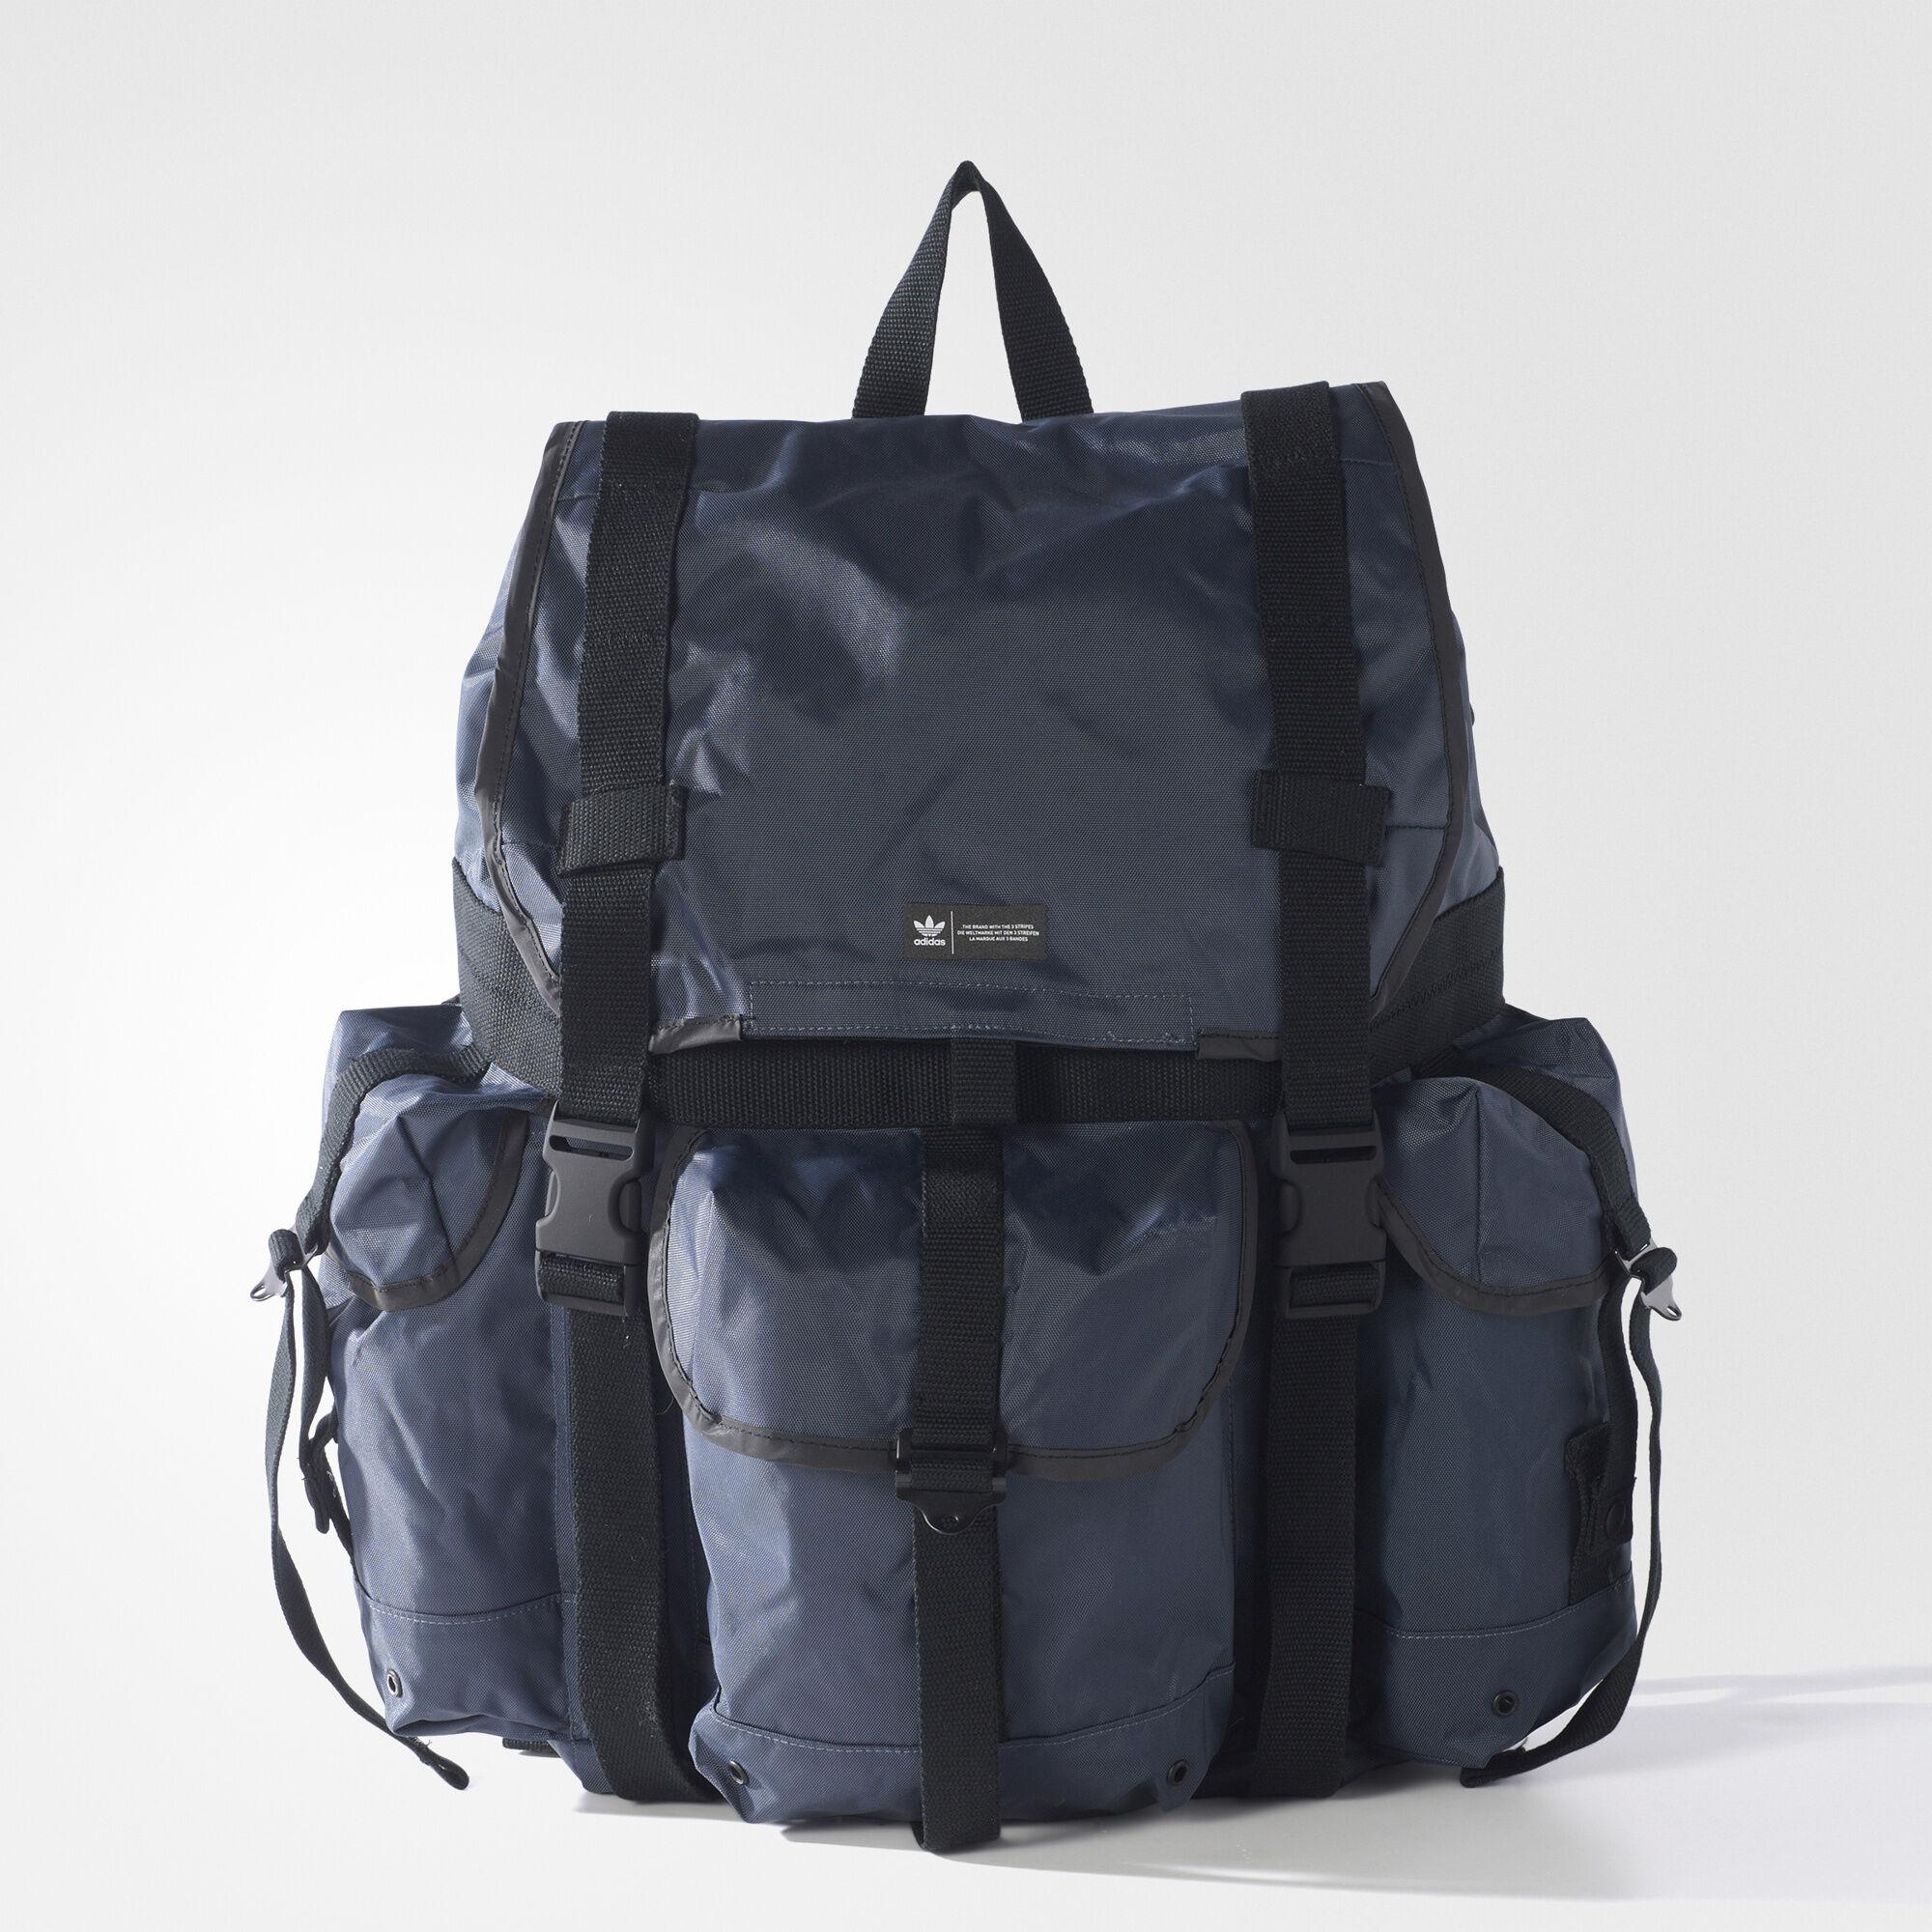 42b3edb300d0 Buy adidas bag blue   OFF30% Discounted